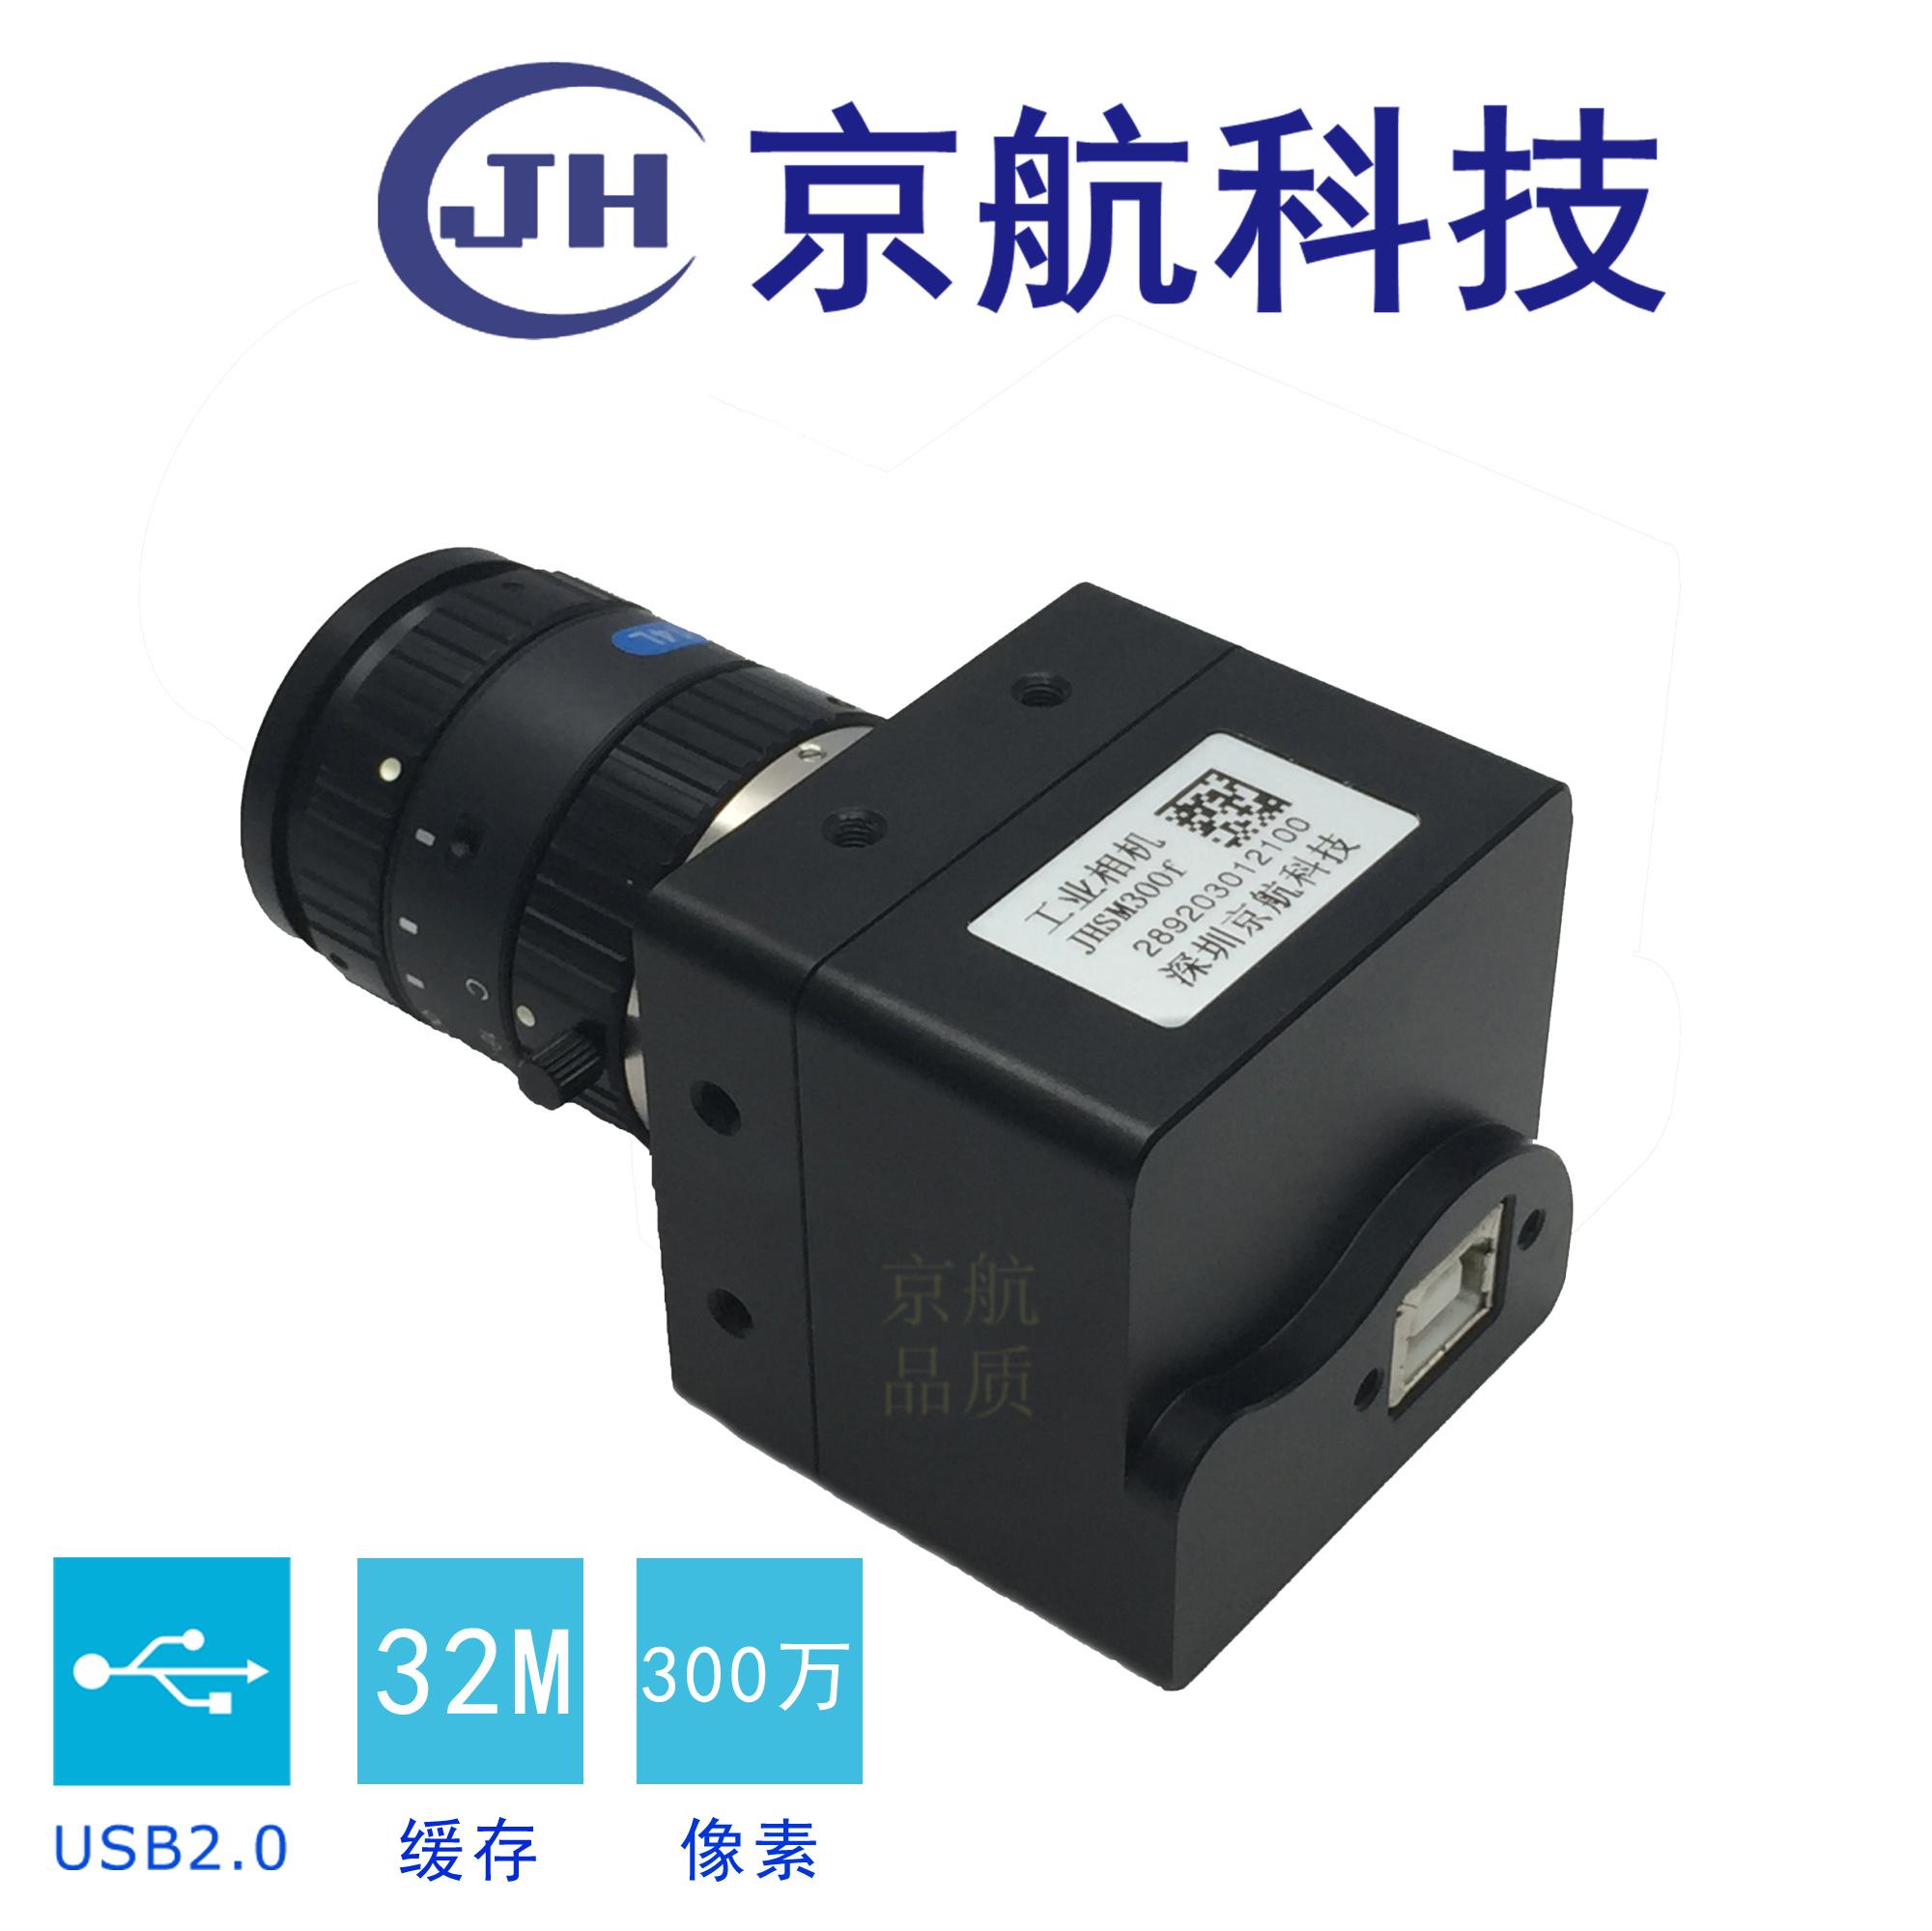 300 десять тысяч hd цвет USB2.0 промышленность камера камеры / группа медленно депозит /SDK/ бесплатно измерение программное обеспечение